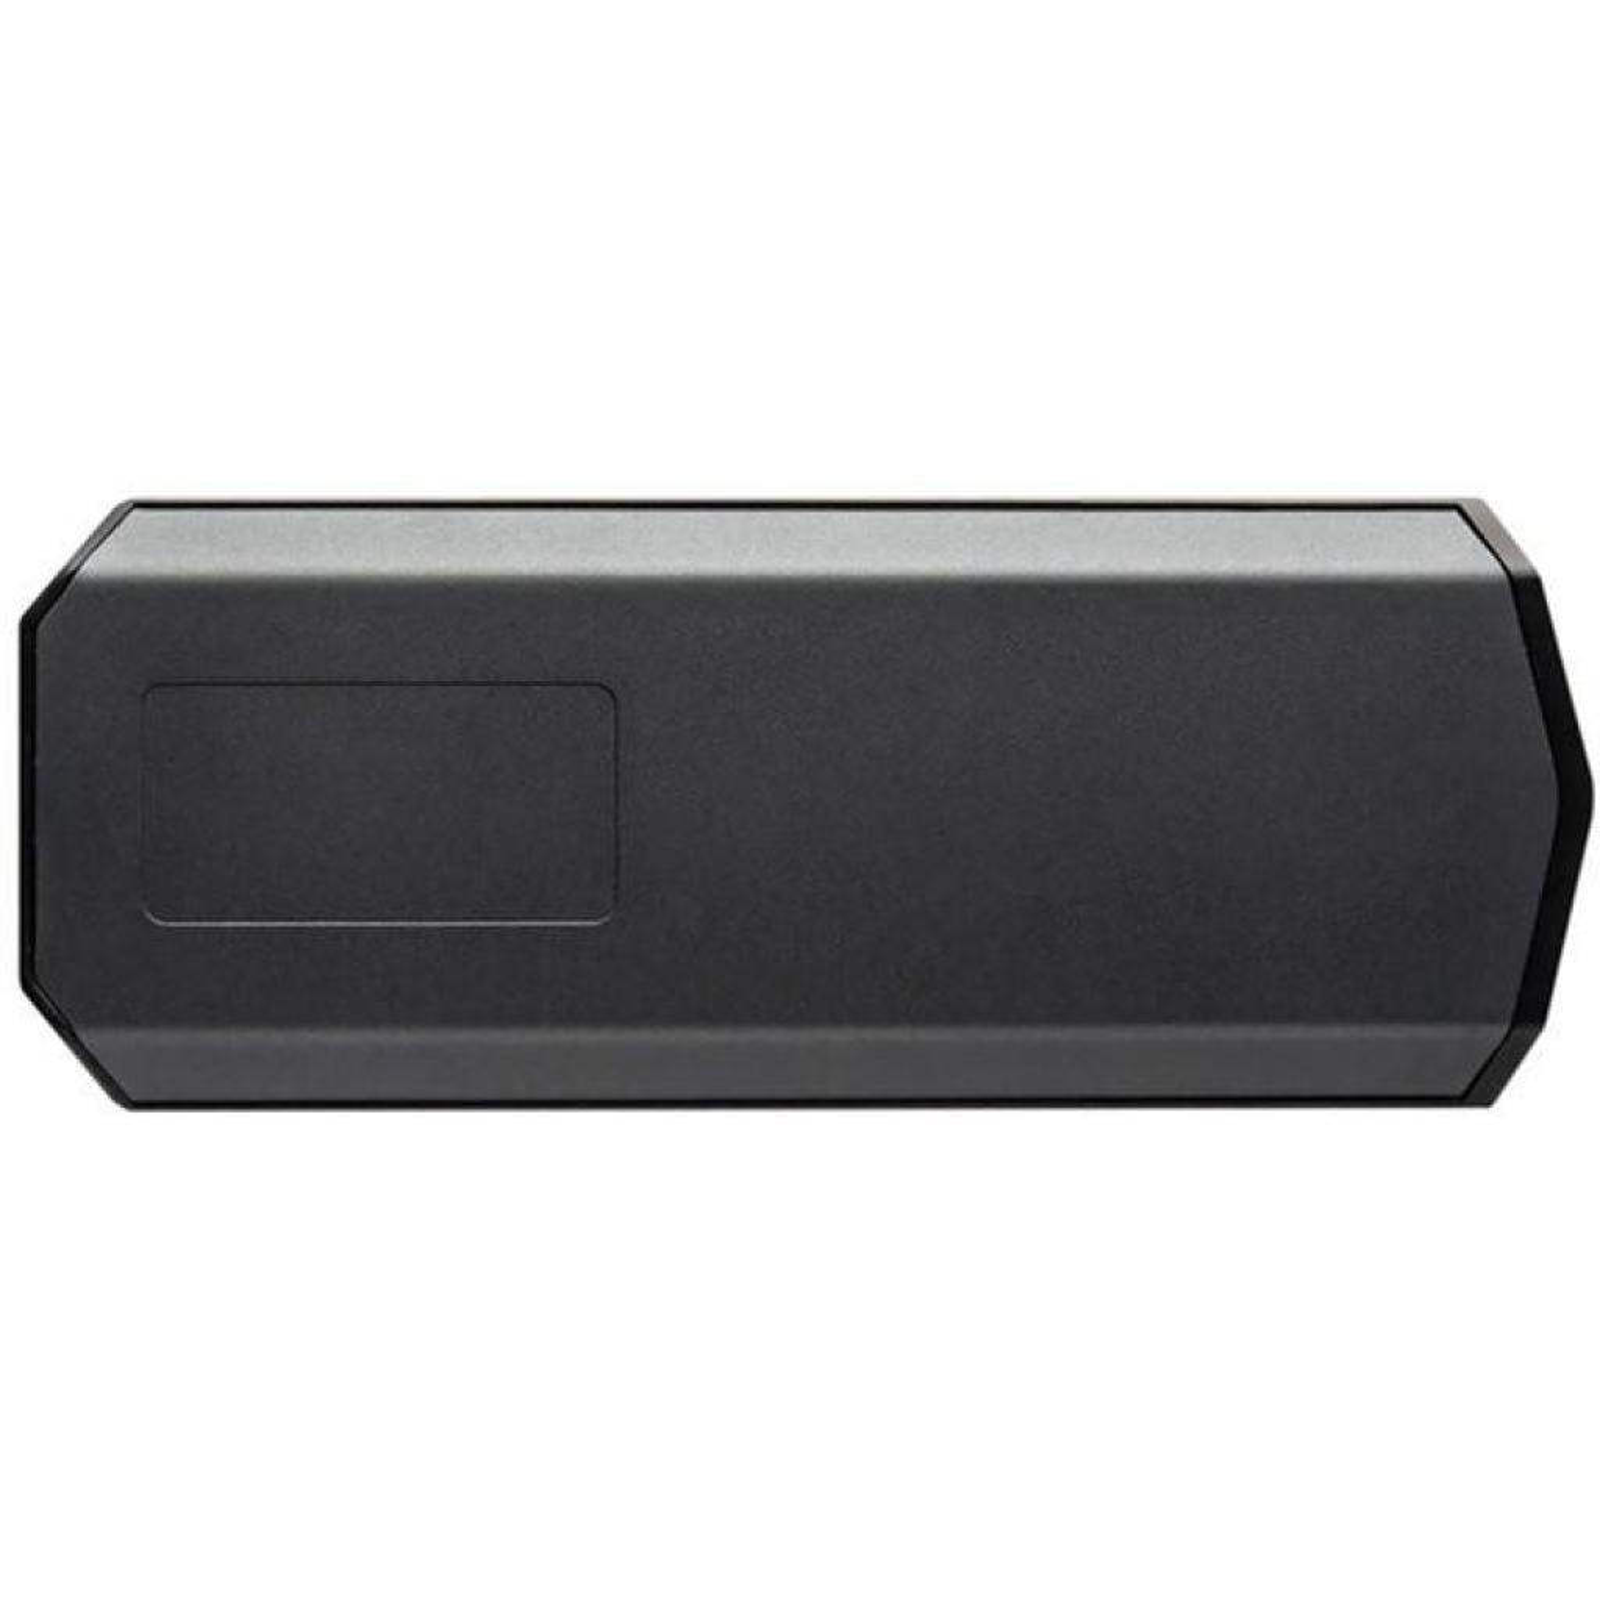 Накопичувач SSD USB 3.1 480GB Kingston (SHSX100/480G) зображення 3